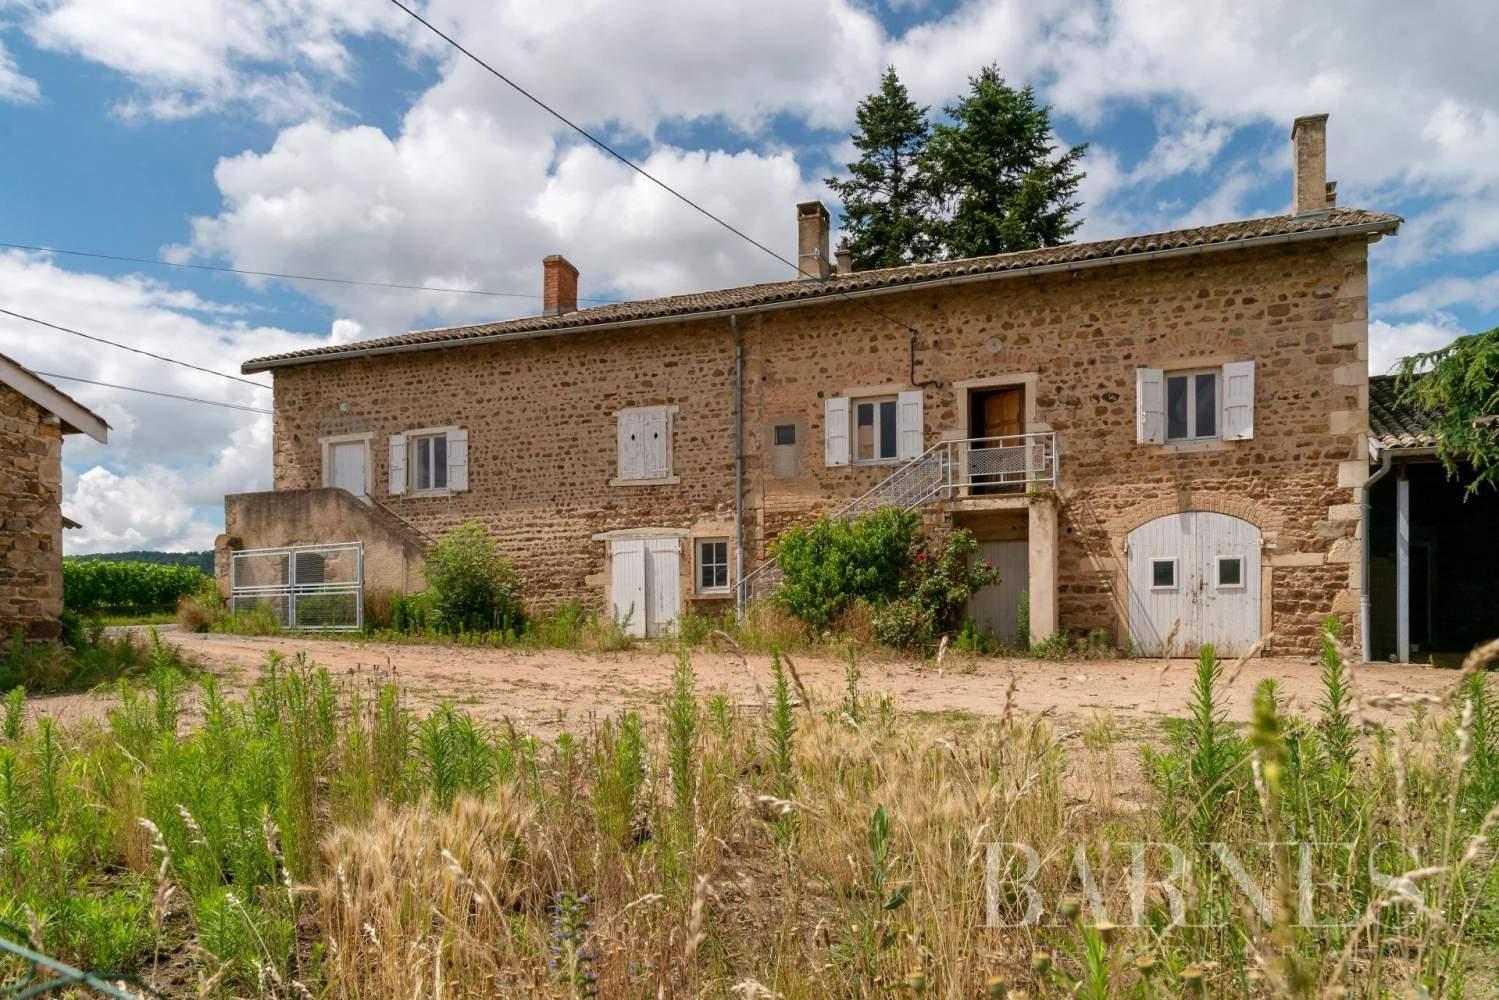 Villié-Morgon  - Maison de village 6 Pièces - picture 1